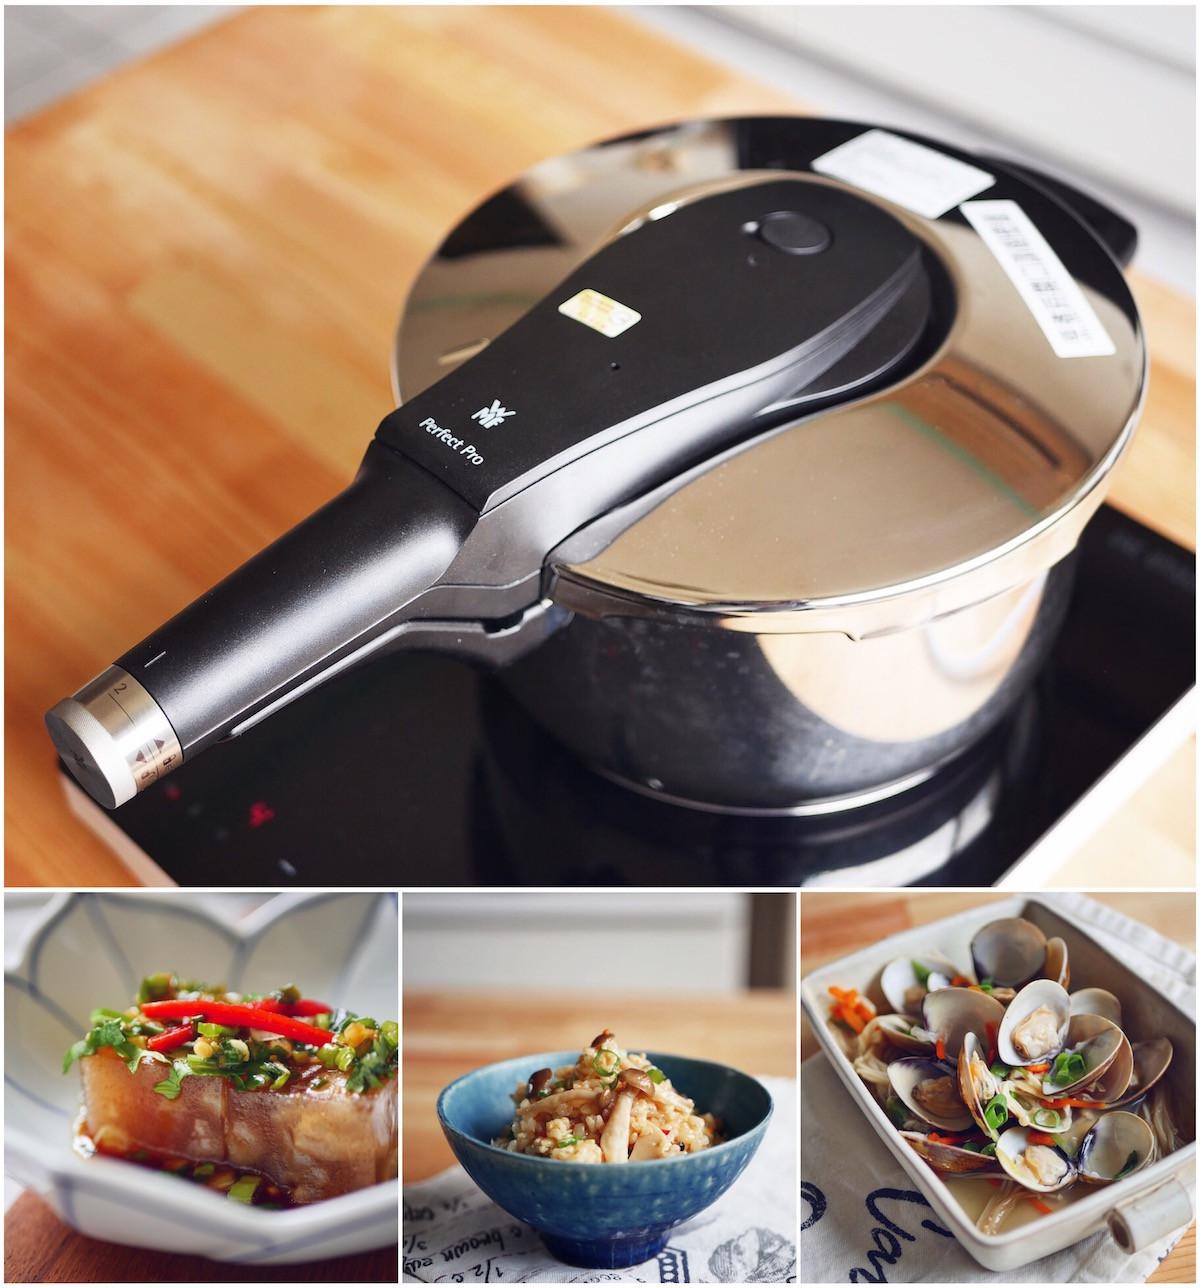 一口氣完成 2~3 道菜的感動--WMF PRO 快力鍋的第 1 張圖片